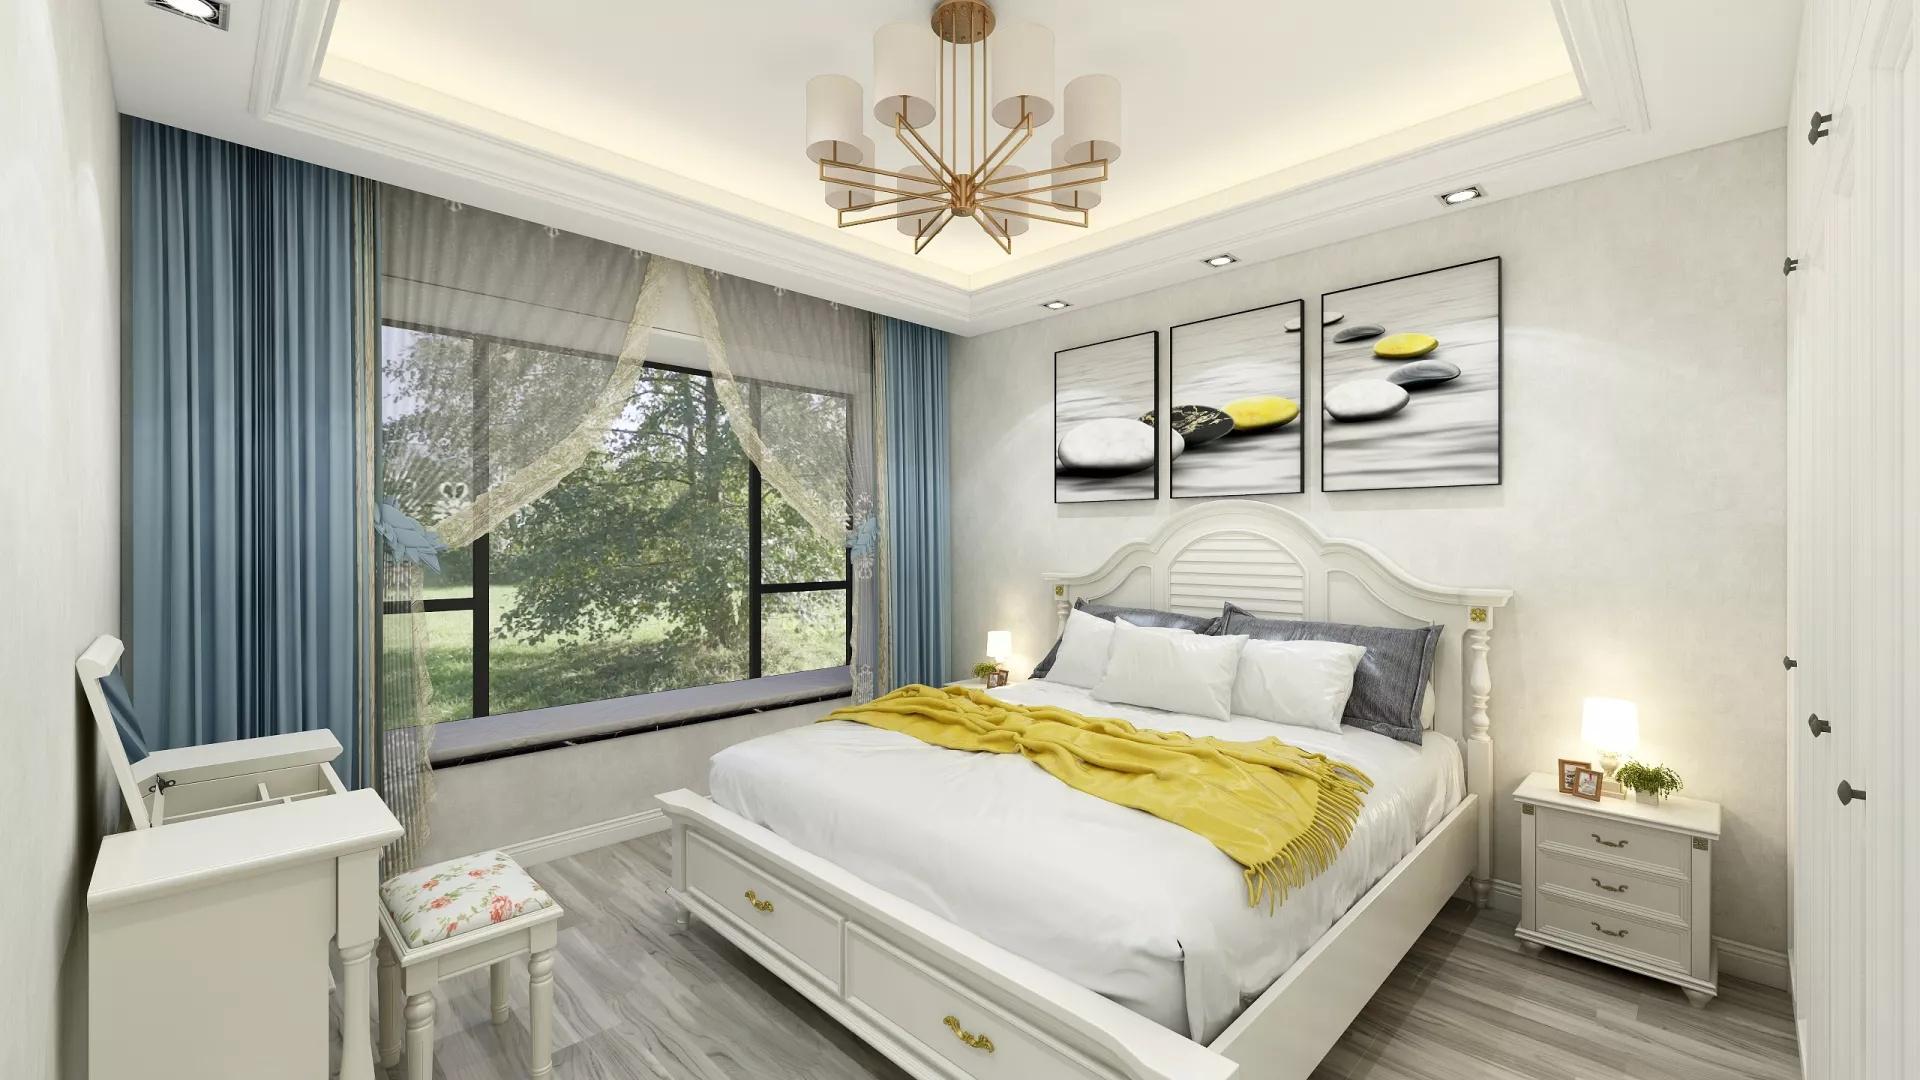 床头背景墙刷漆的优缺点  床头背景墙贴墙纸的优缺点